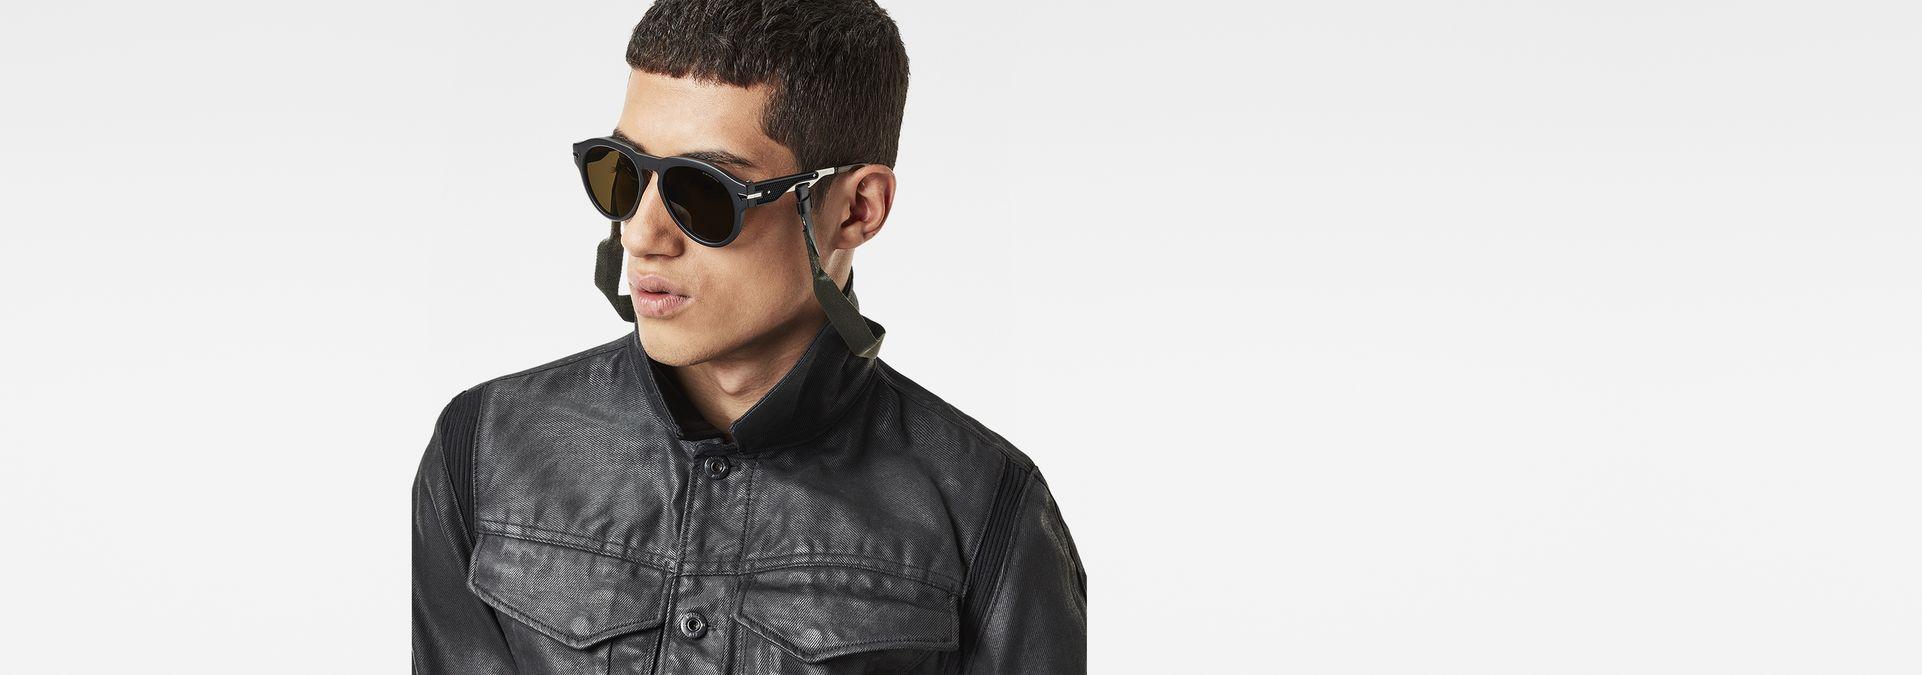 9b14975c28b ... G-Star RAW® Rustic Vodan Sunglasses Black ...